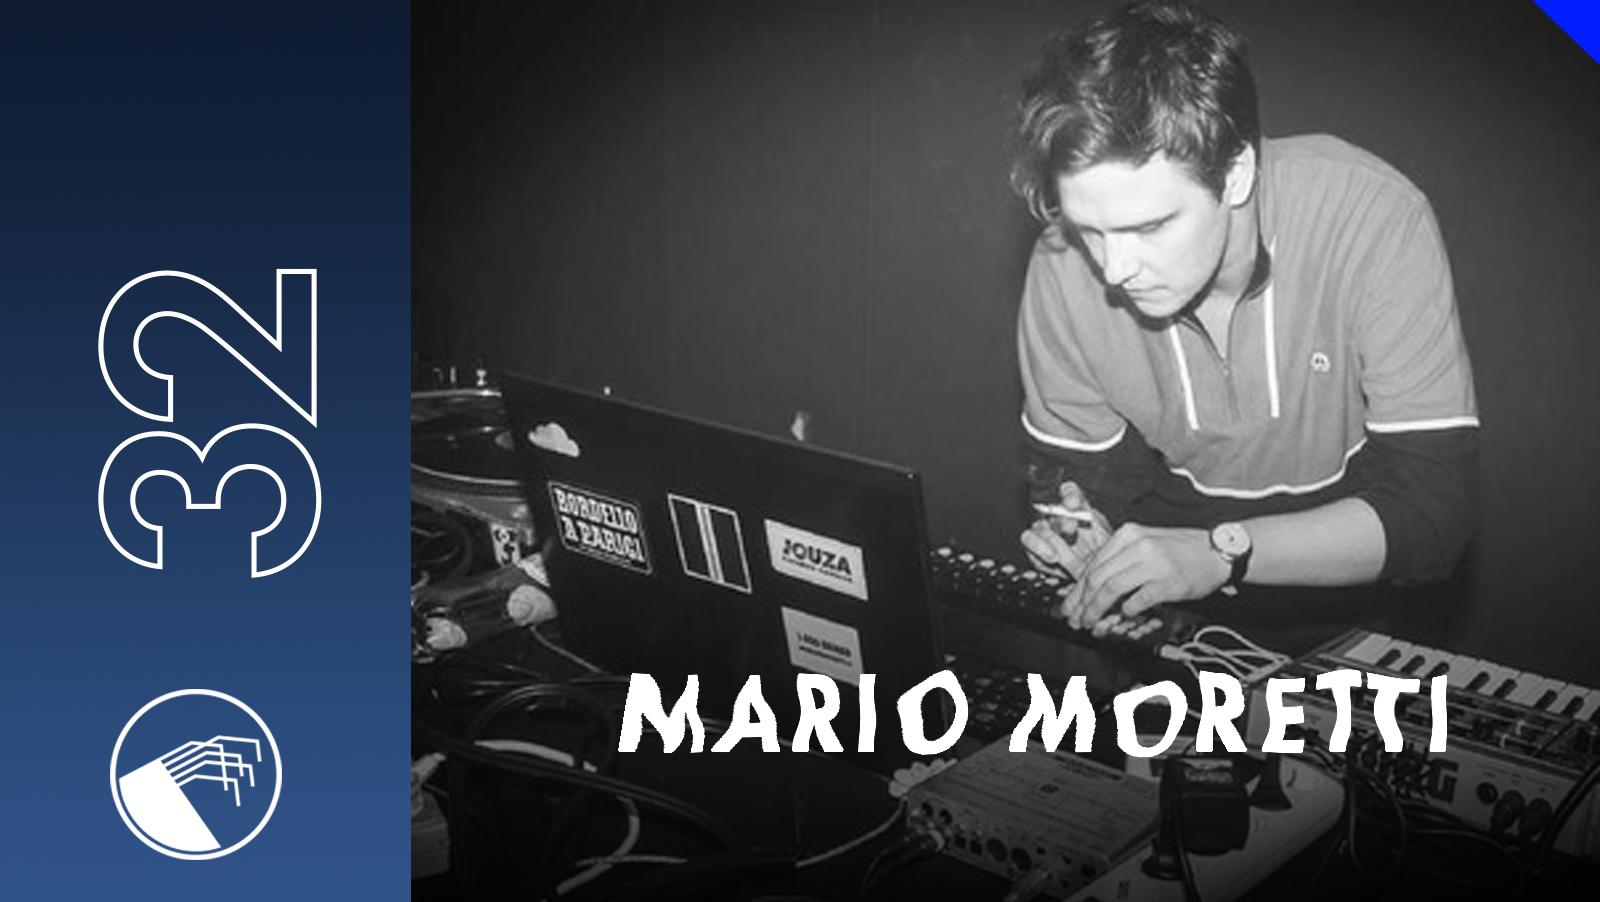 032 Mario Moretti